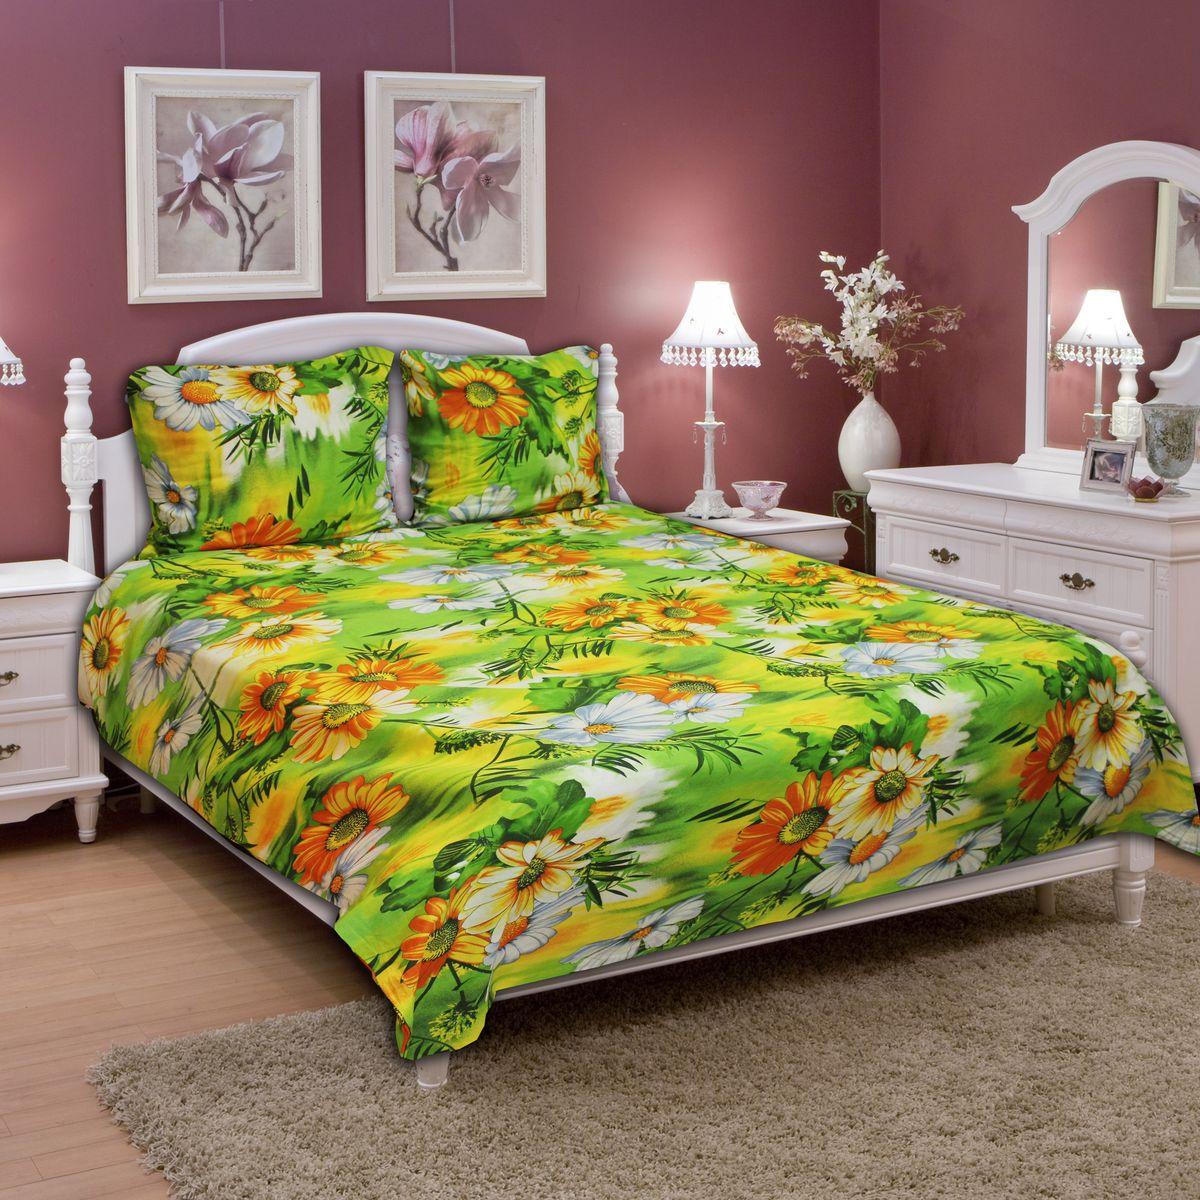 Комплект белья Amore Mio Meadow, 2-спальный, наволочки 70х70FD-59Комплект постельного белья Amore Mio является экологически безопасным для всей семьи, так как выполнен из бязи (100% хлопок). Комплект состоит из двух пододеяльников, простыни и двух наволочек. Постельное белье оформлено оригинальным рисунком и имеет изысканный внешний вид.Легкая, плотная, мягкая ткань отлично стирается, гладится, быстро сохнет. Рекомендации по уходу: Химчистка и отбеливание запрещены.Рекомендуется стирка в прохладной воде при температуре не выше 30°С.